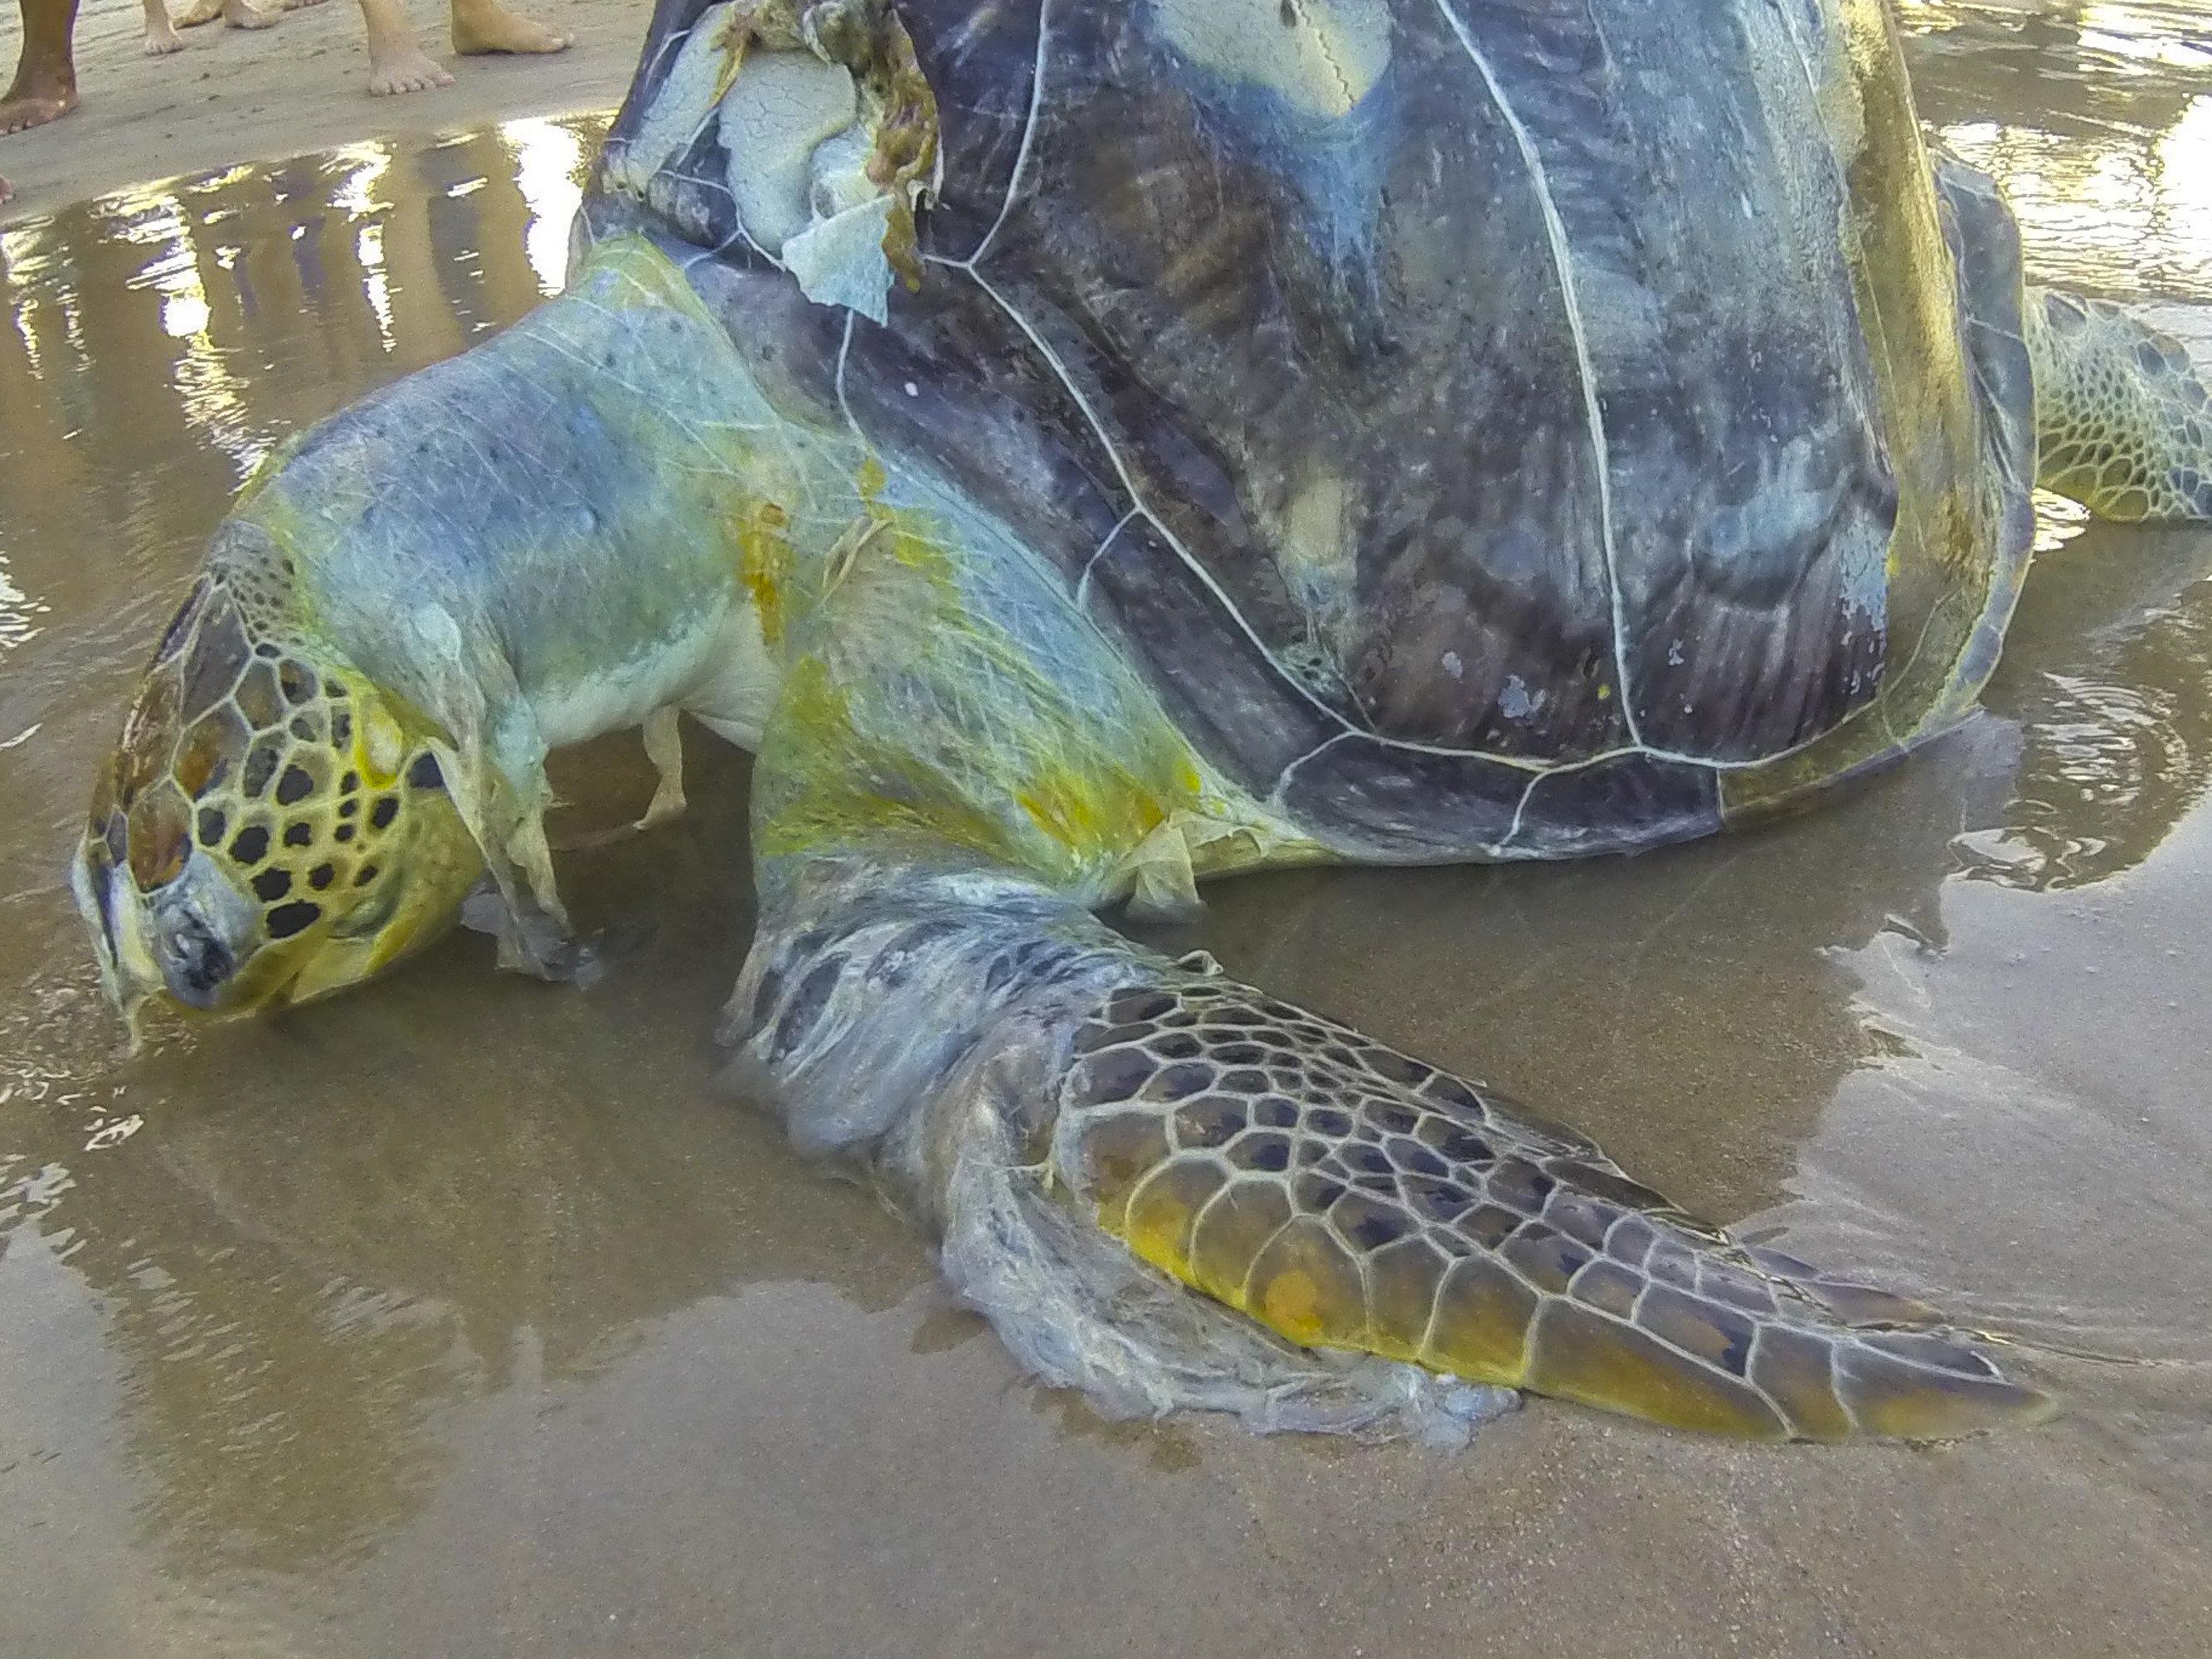 A dead sea turtle draped in plastic trash.